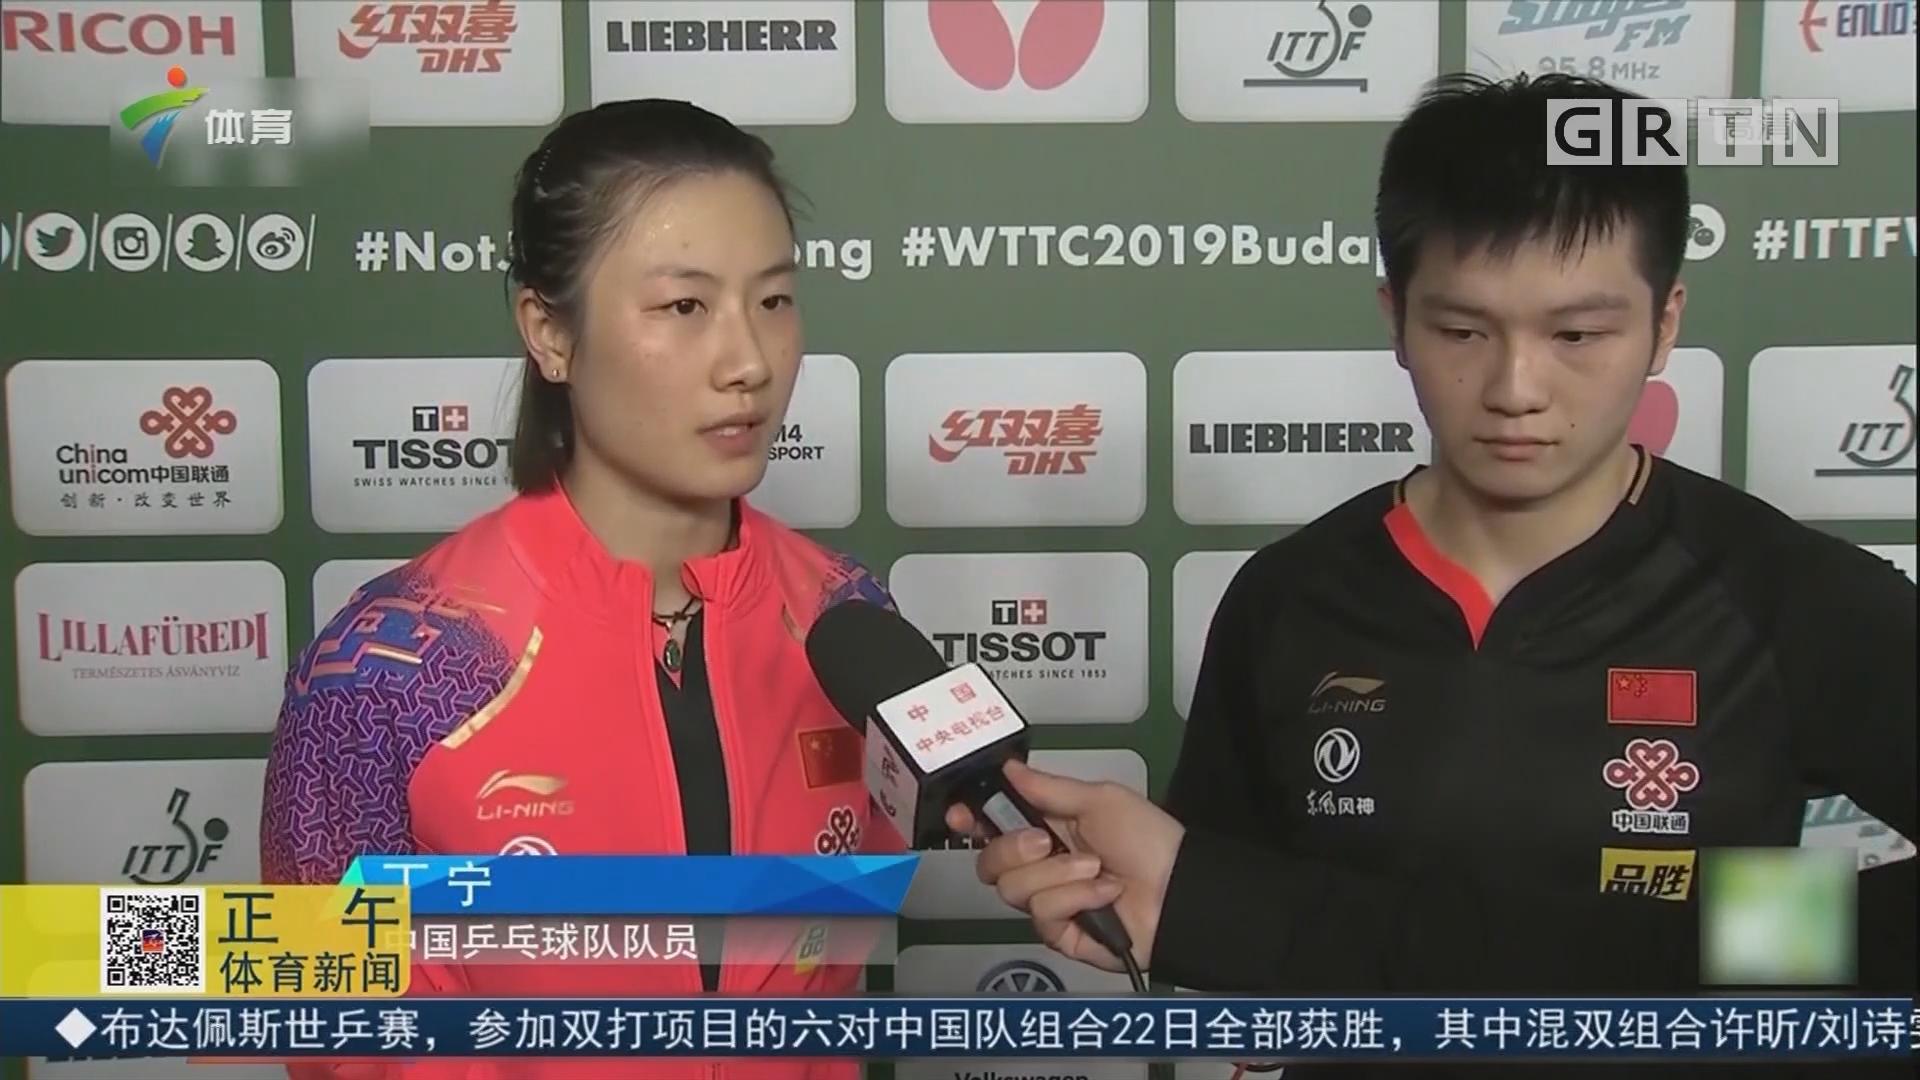 """击败东道主淘汰头号种子 """"丁东组合""""晋级16强"""